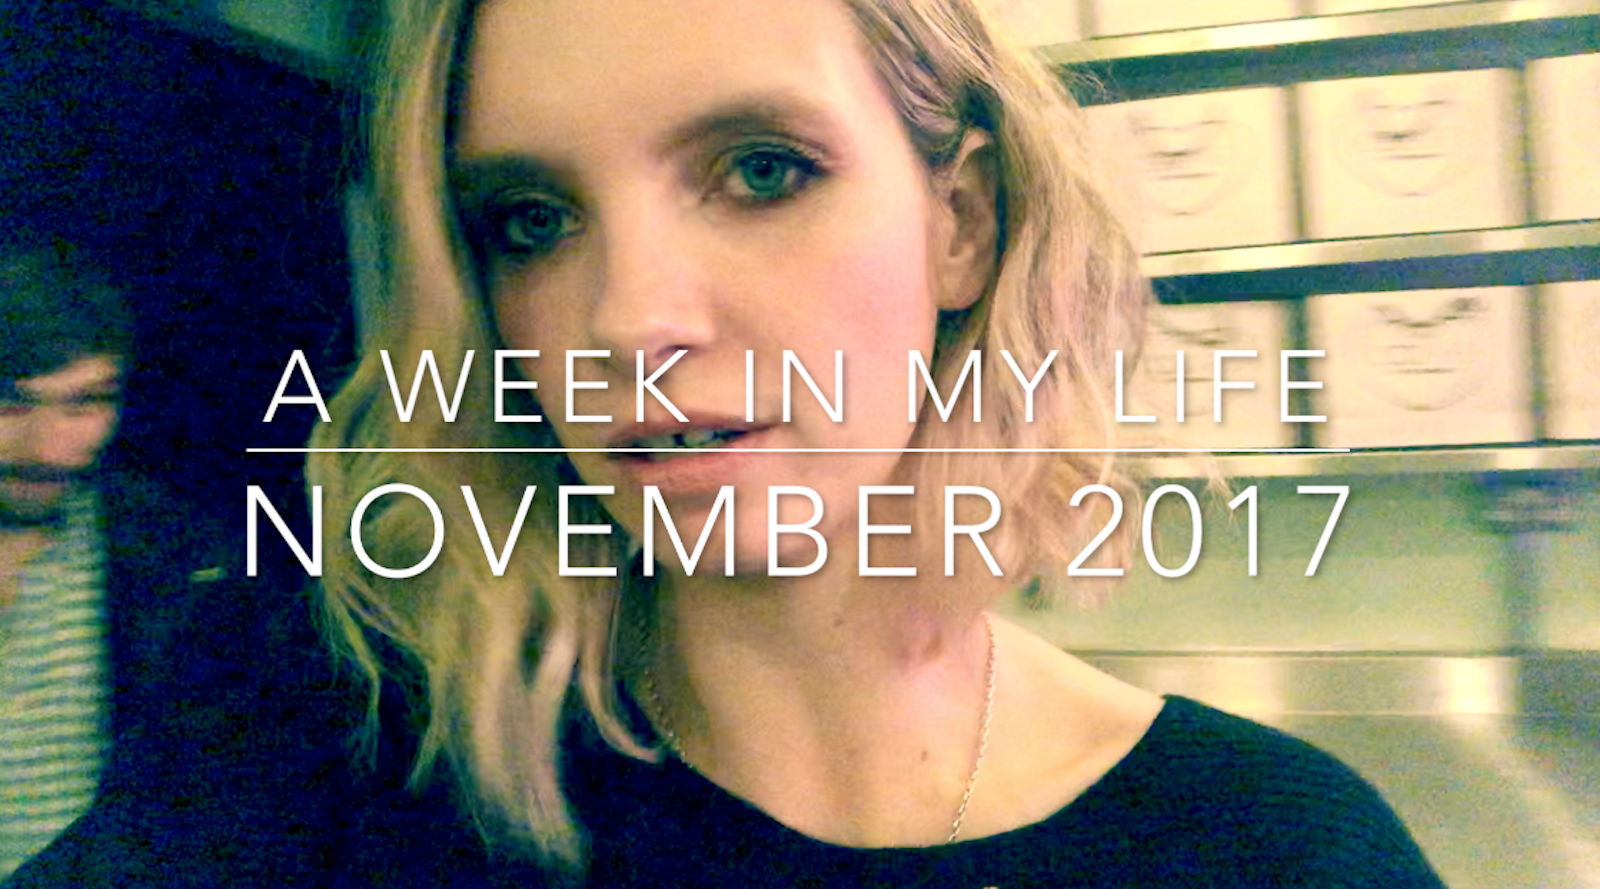 week in my life november